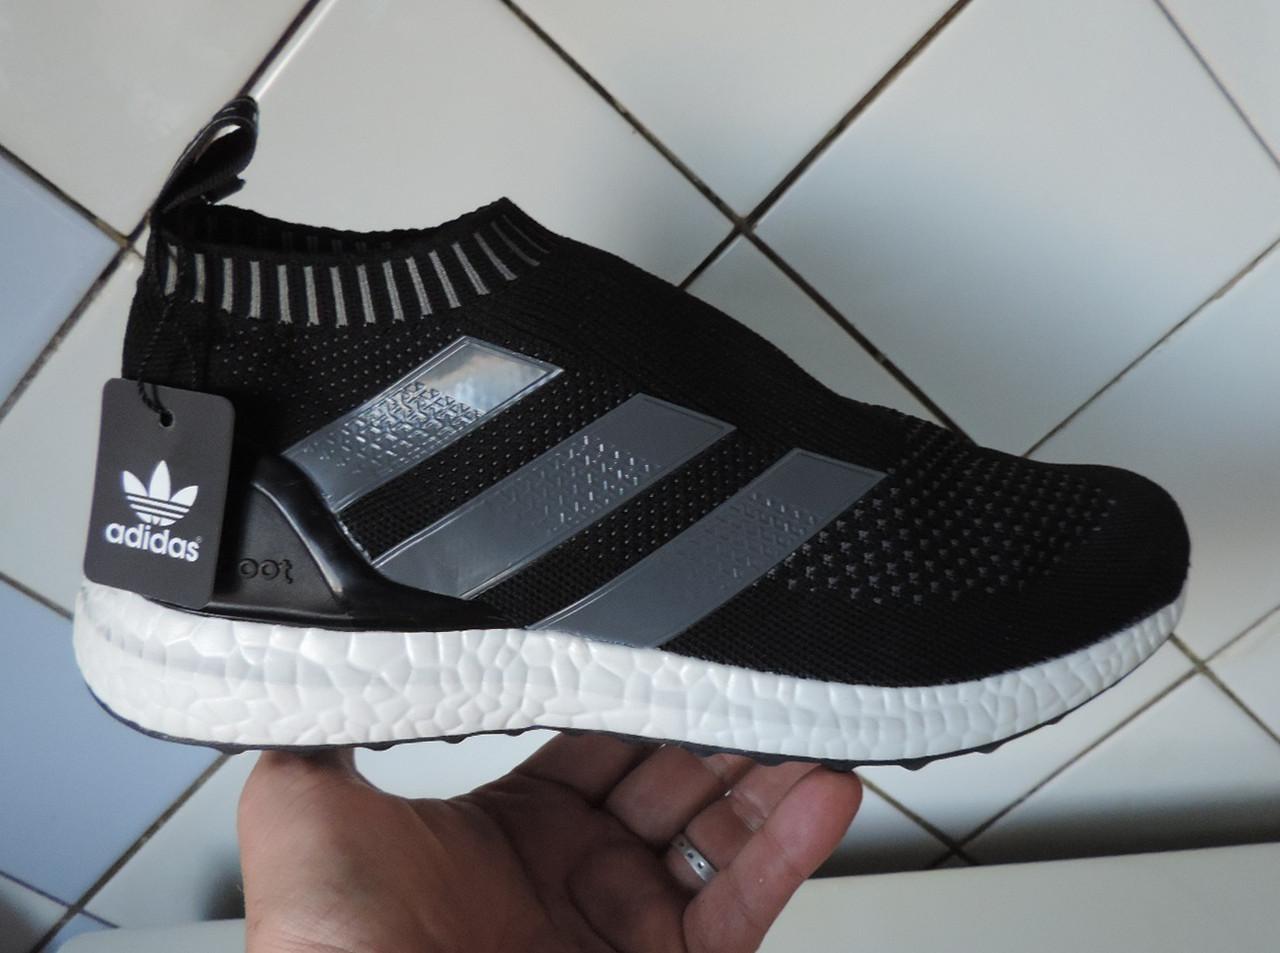 1b8b3f14 Беговые кроссовки мужские Adidas ACE 16 + PureControl Ultra Boost, реплика  -